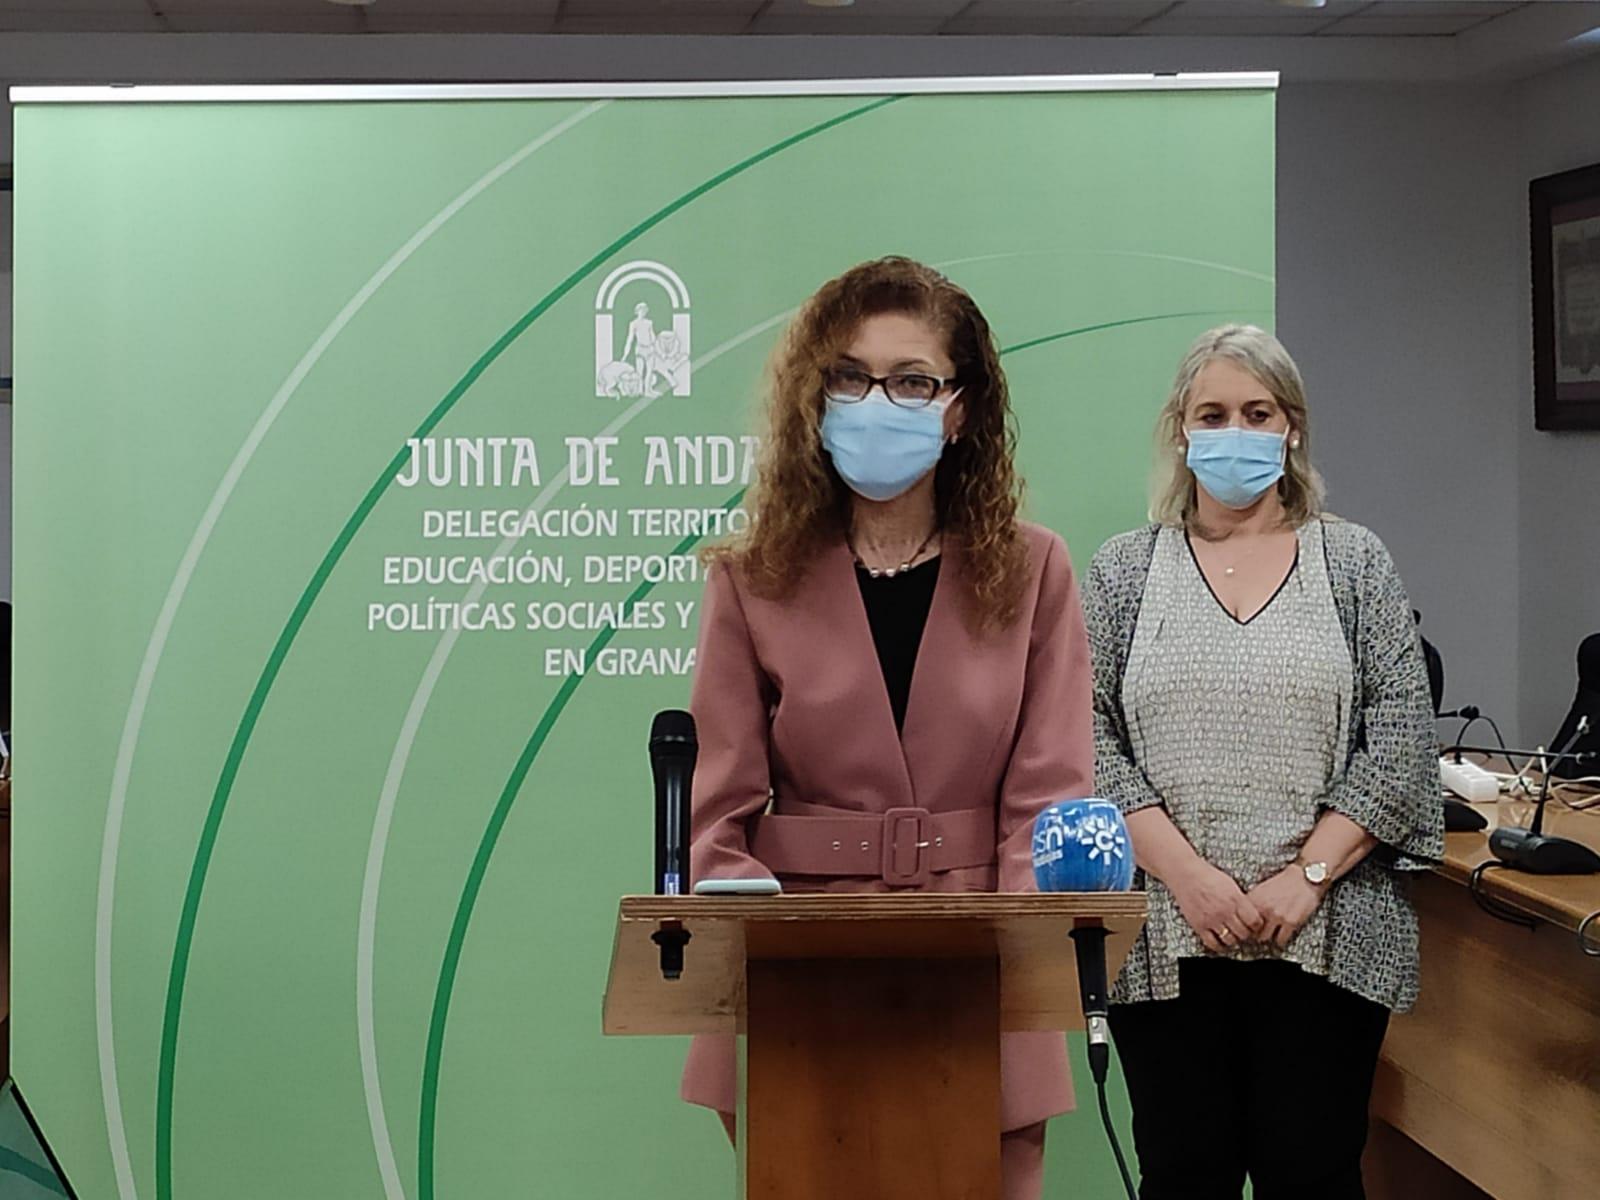 Igualdad ha dedicado 60,5 millones de euros para dar respuesta social a la crisis del coronavirus en Granada